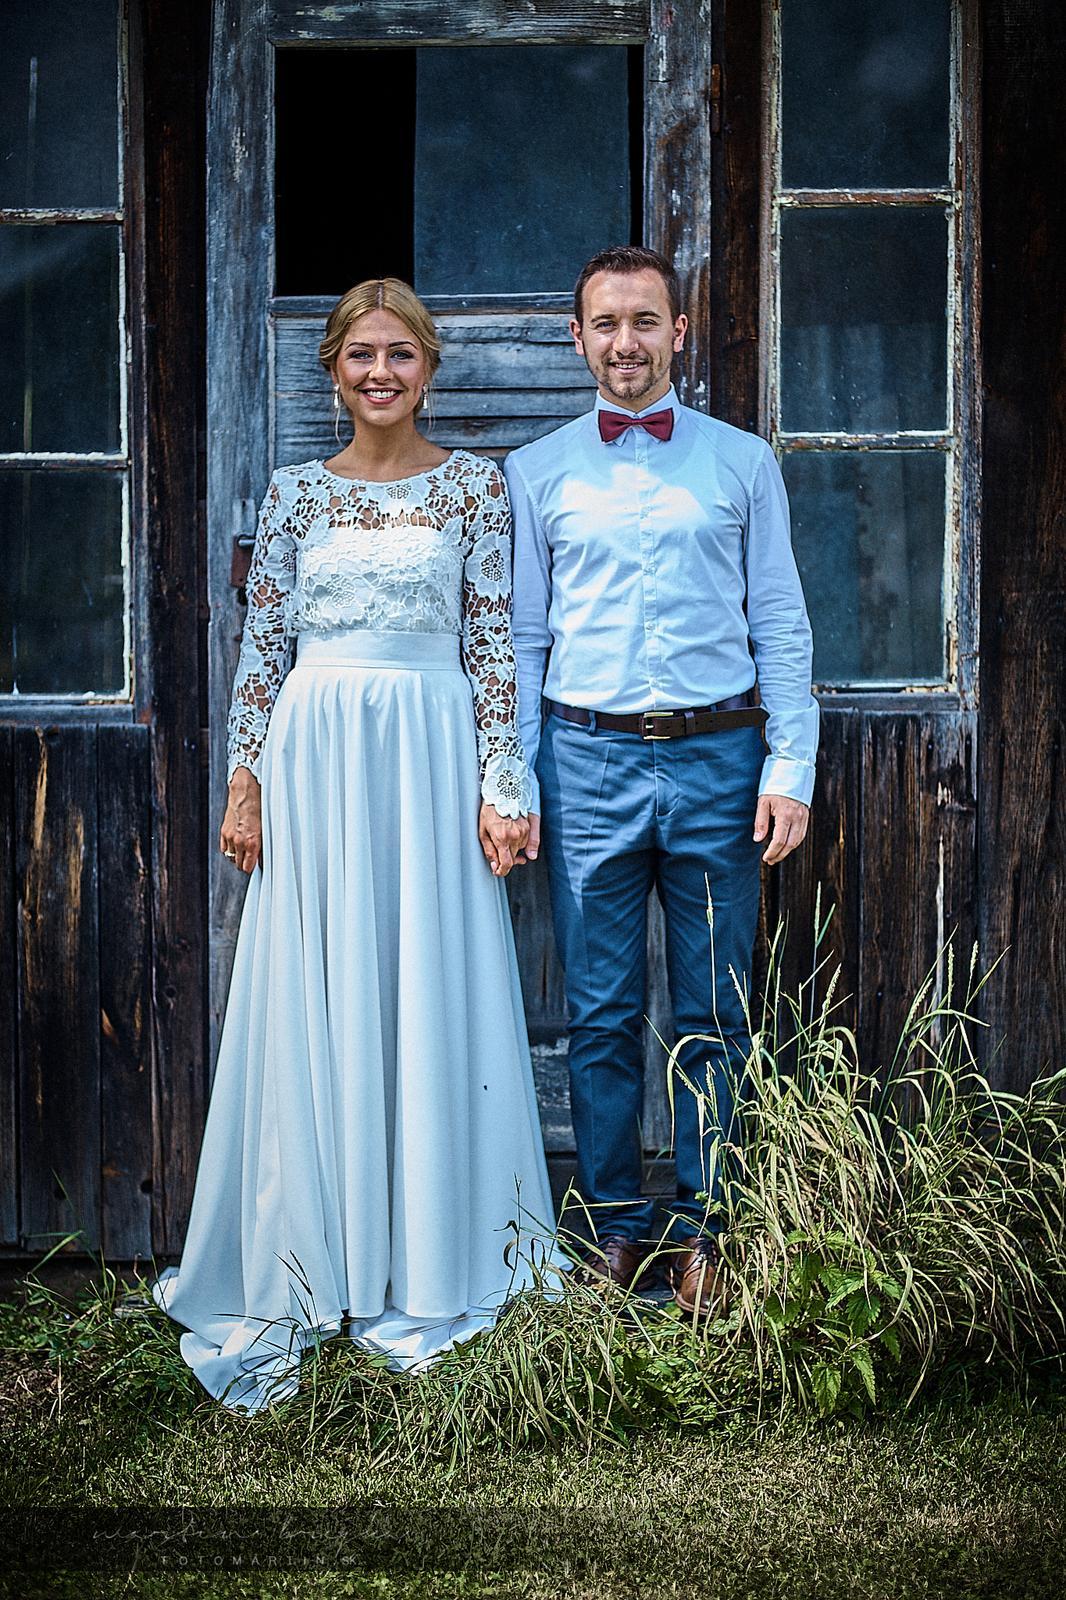 Natalia&dominik - Obrázok č. 11